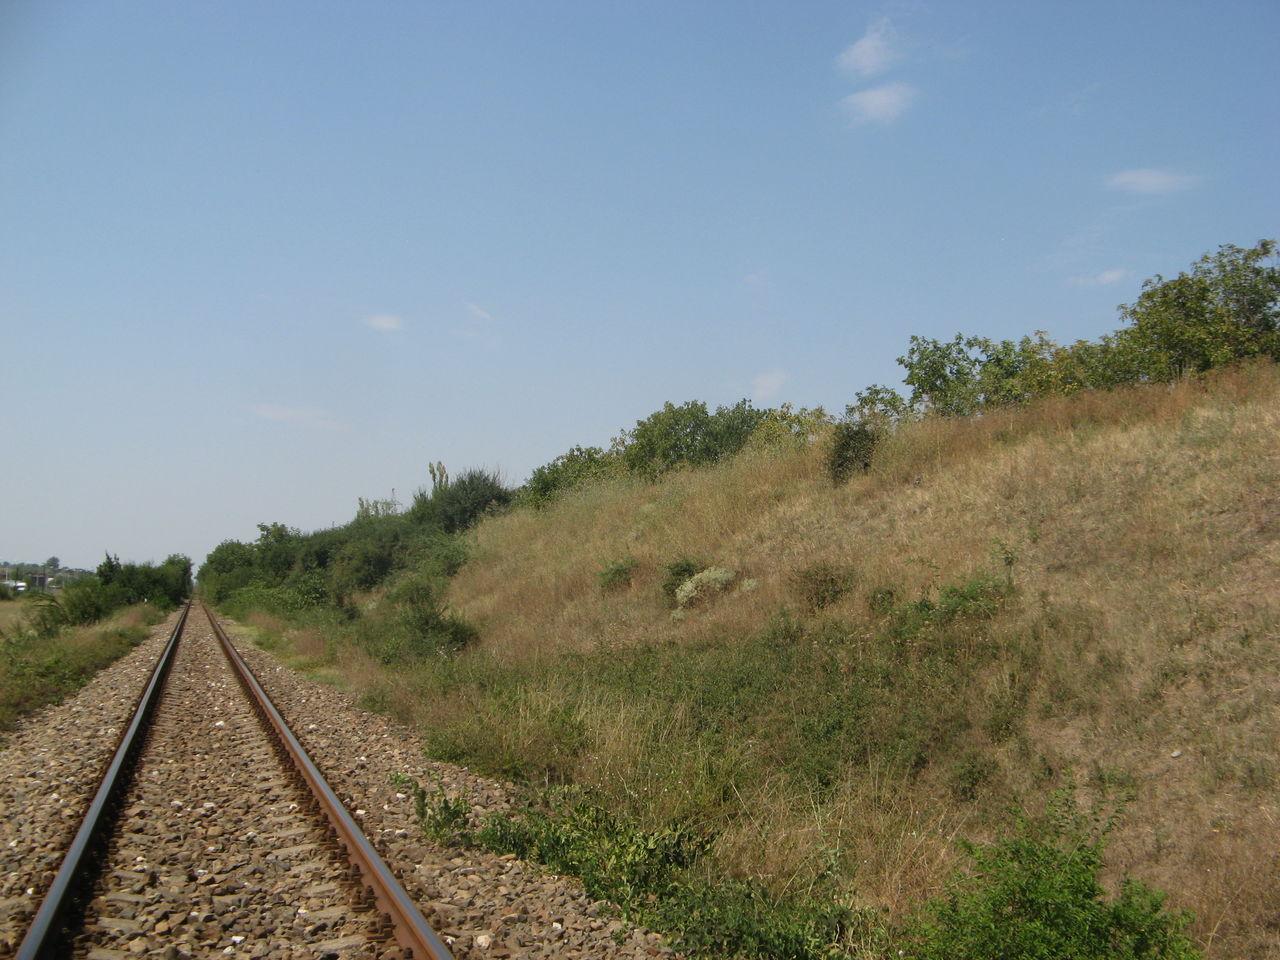 Calea ferată directă Oradea Vest - Episcopia Bihor IMG_0066